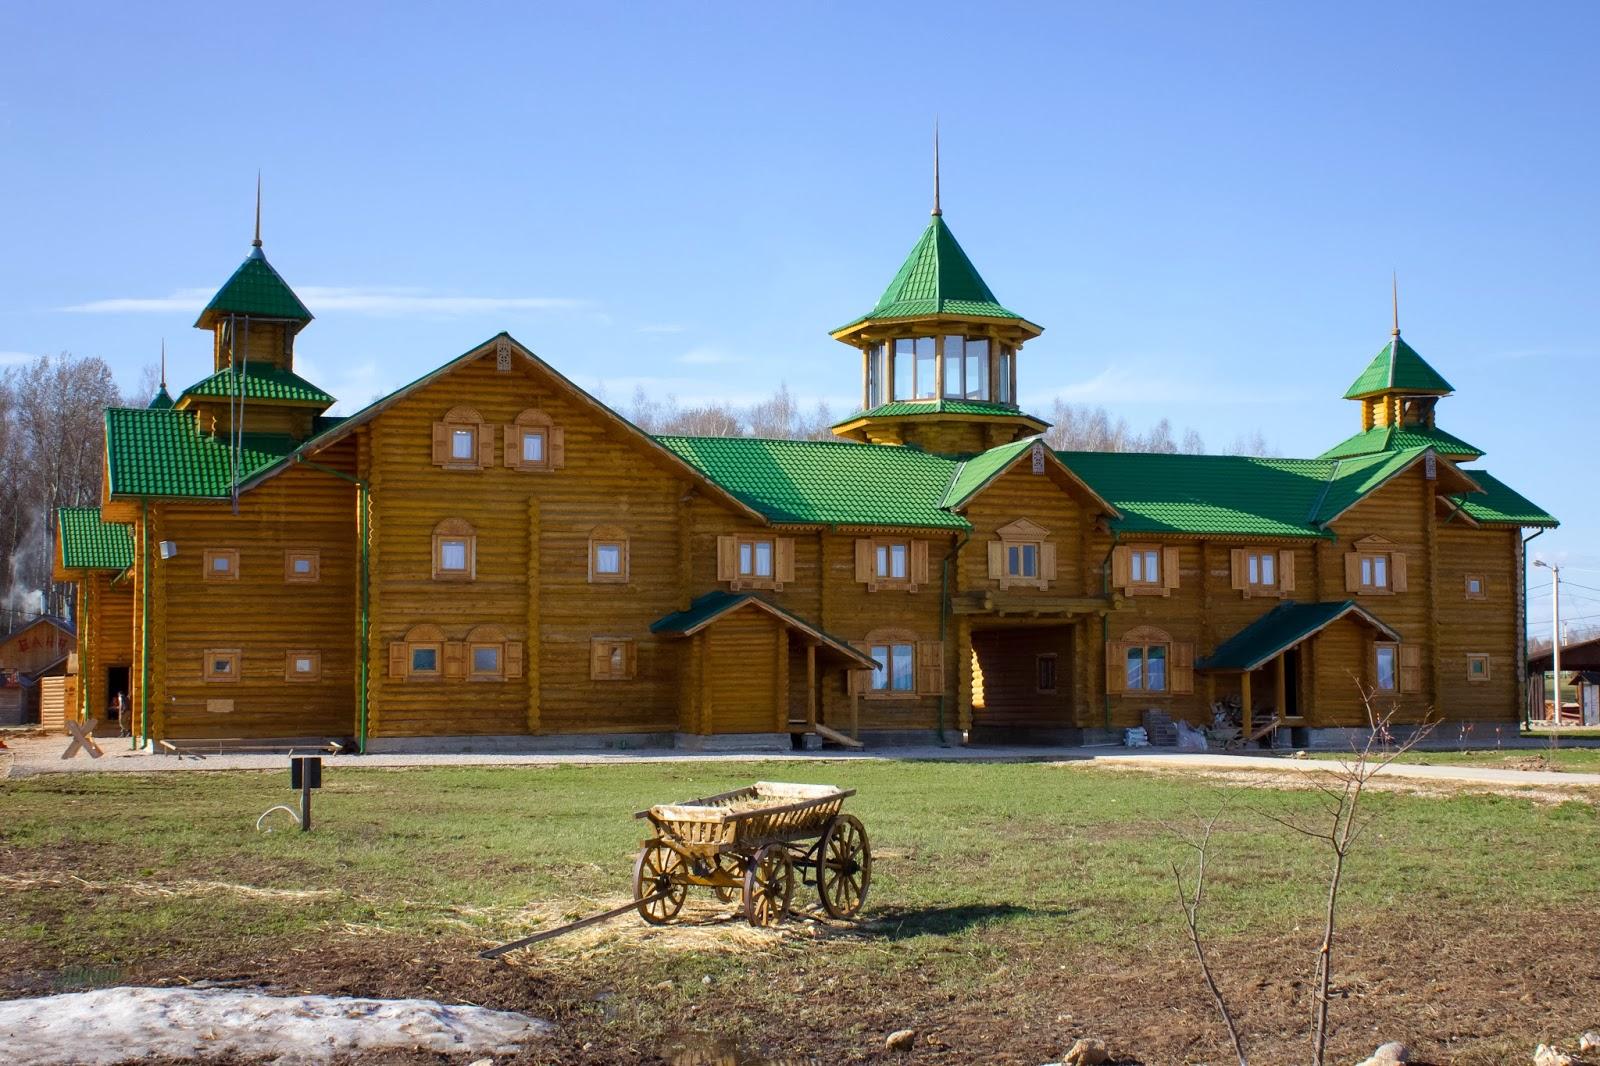 Калуга, Калужская область, Этномир, Стоит телега без дела